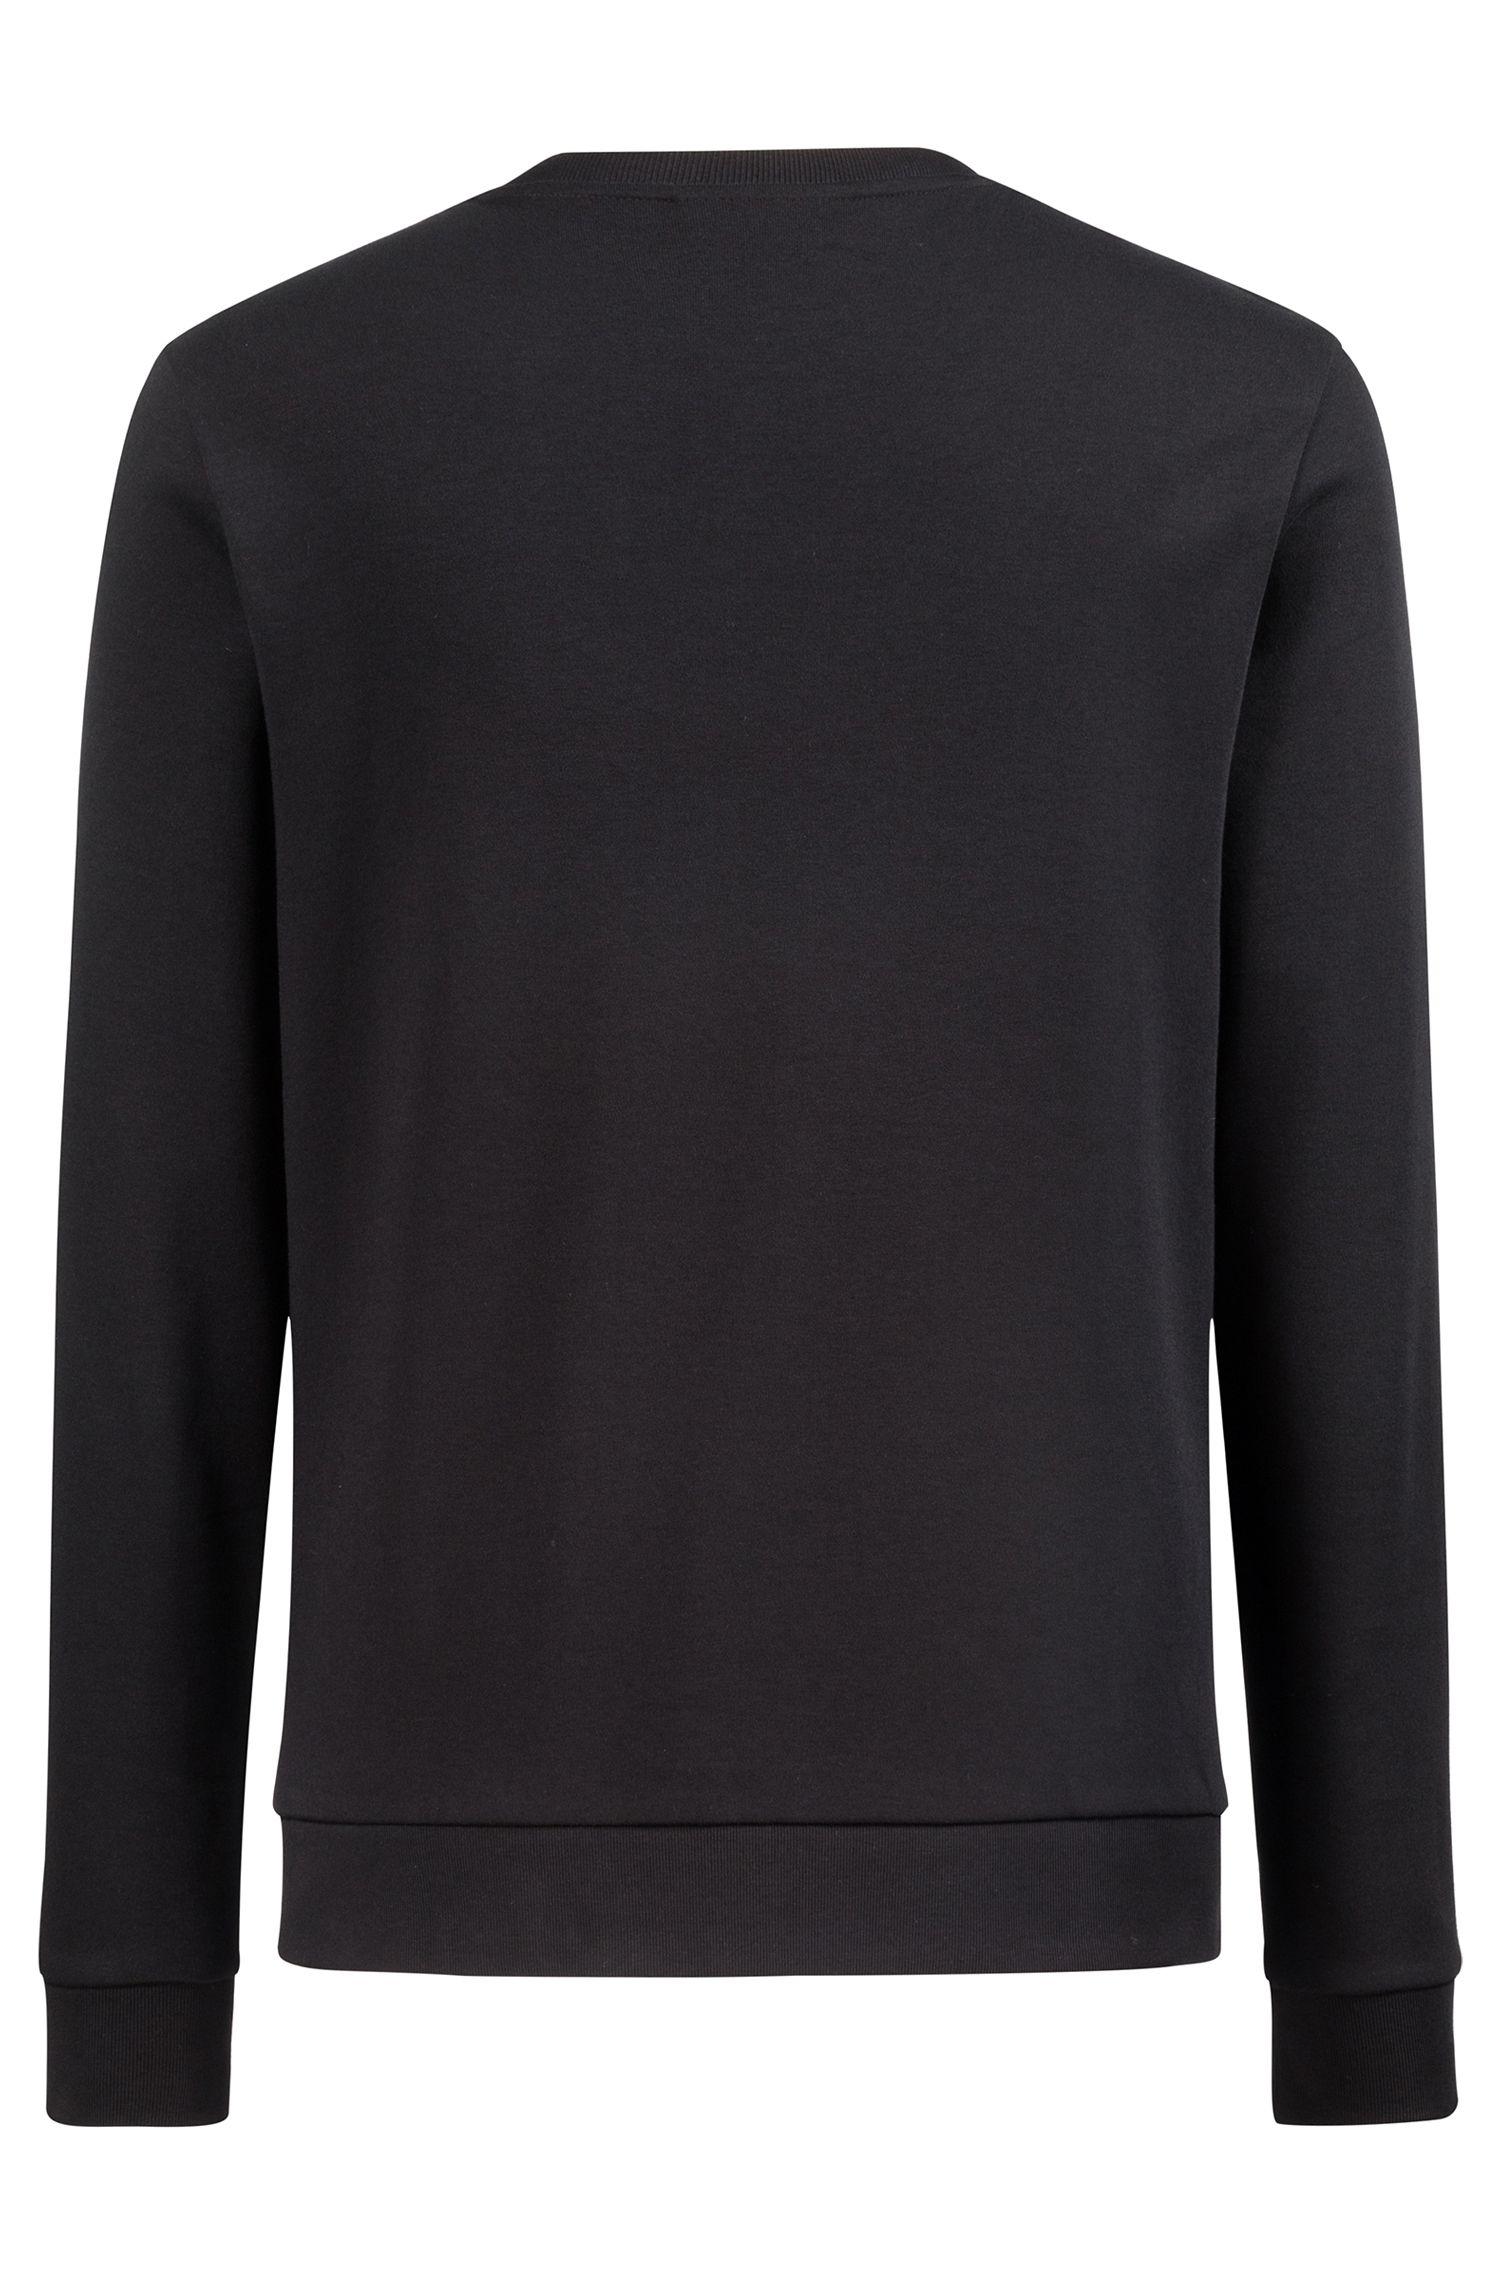 Sudadera de algodón de cuello redondo con logo invertido estampado, Negro